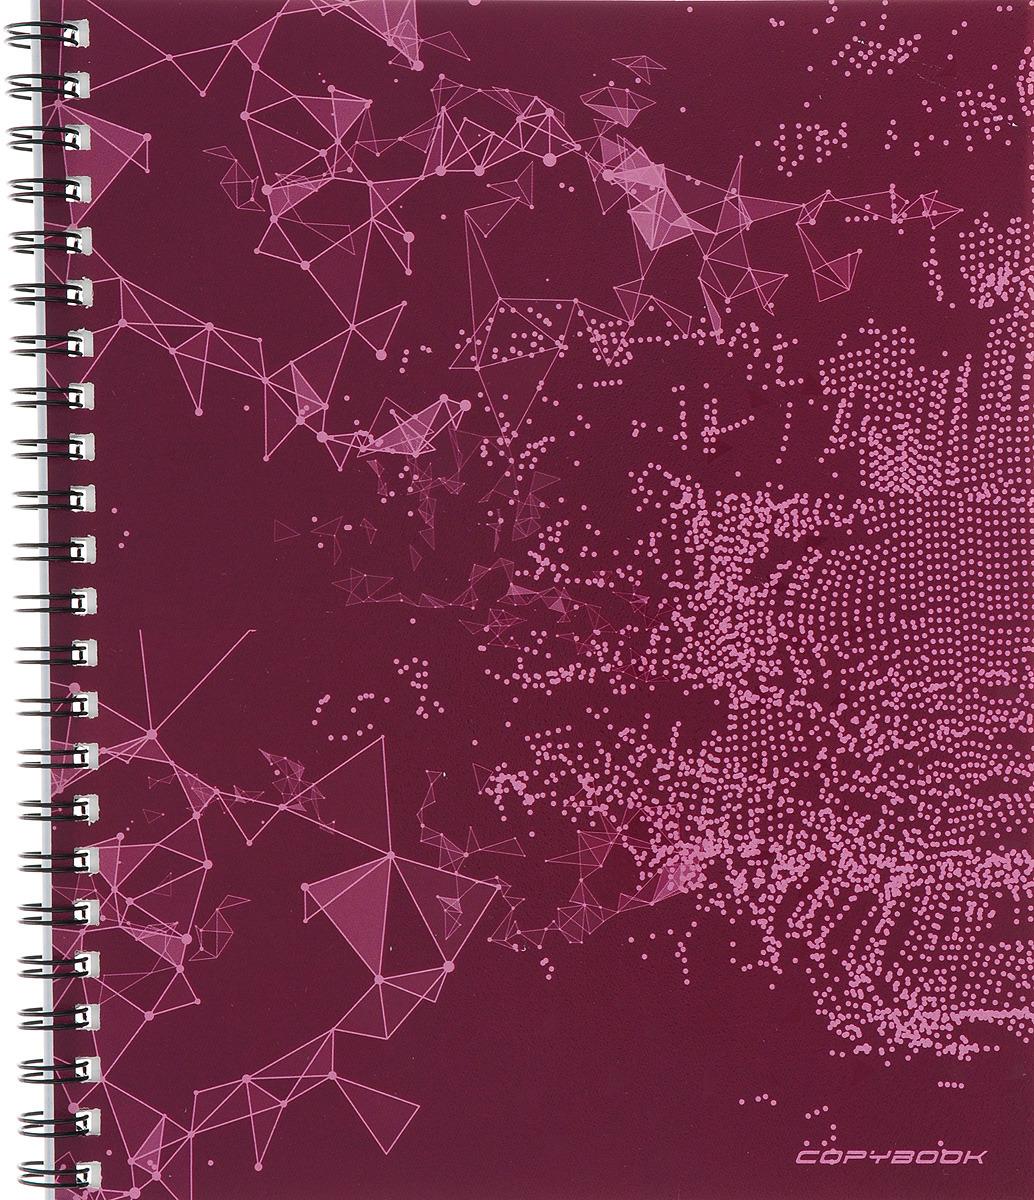 Unnika Land Тетрадь Радиоволна 48 листов в клетку цвет бордовый ктс про набор тетрадей вид из окна 48 листов в клетку цвет бордовый 5 шт